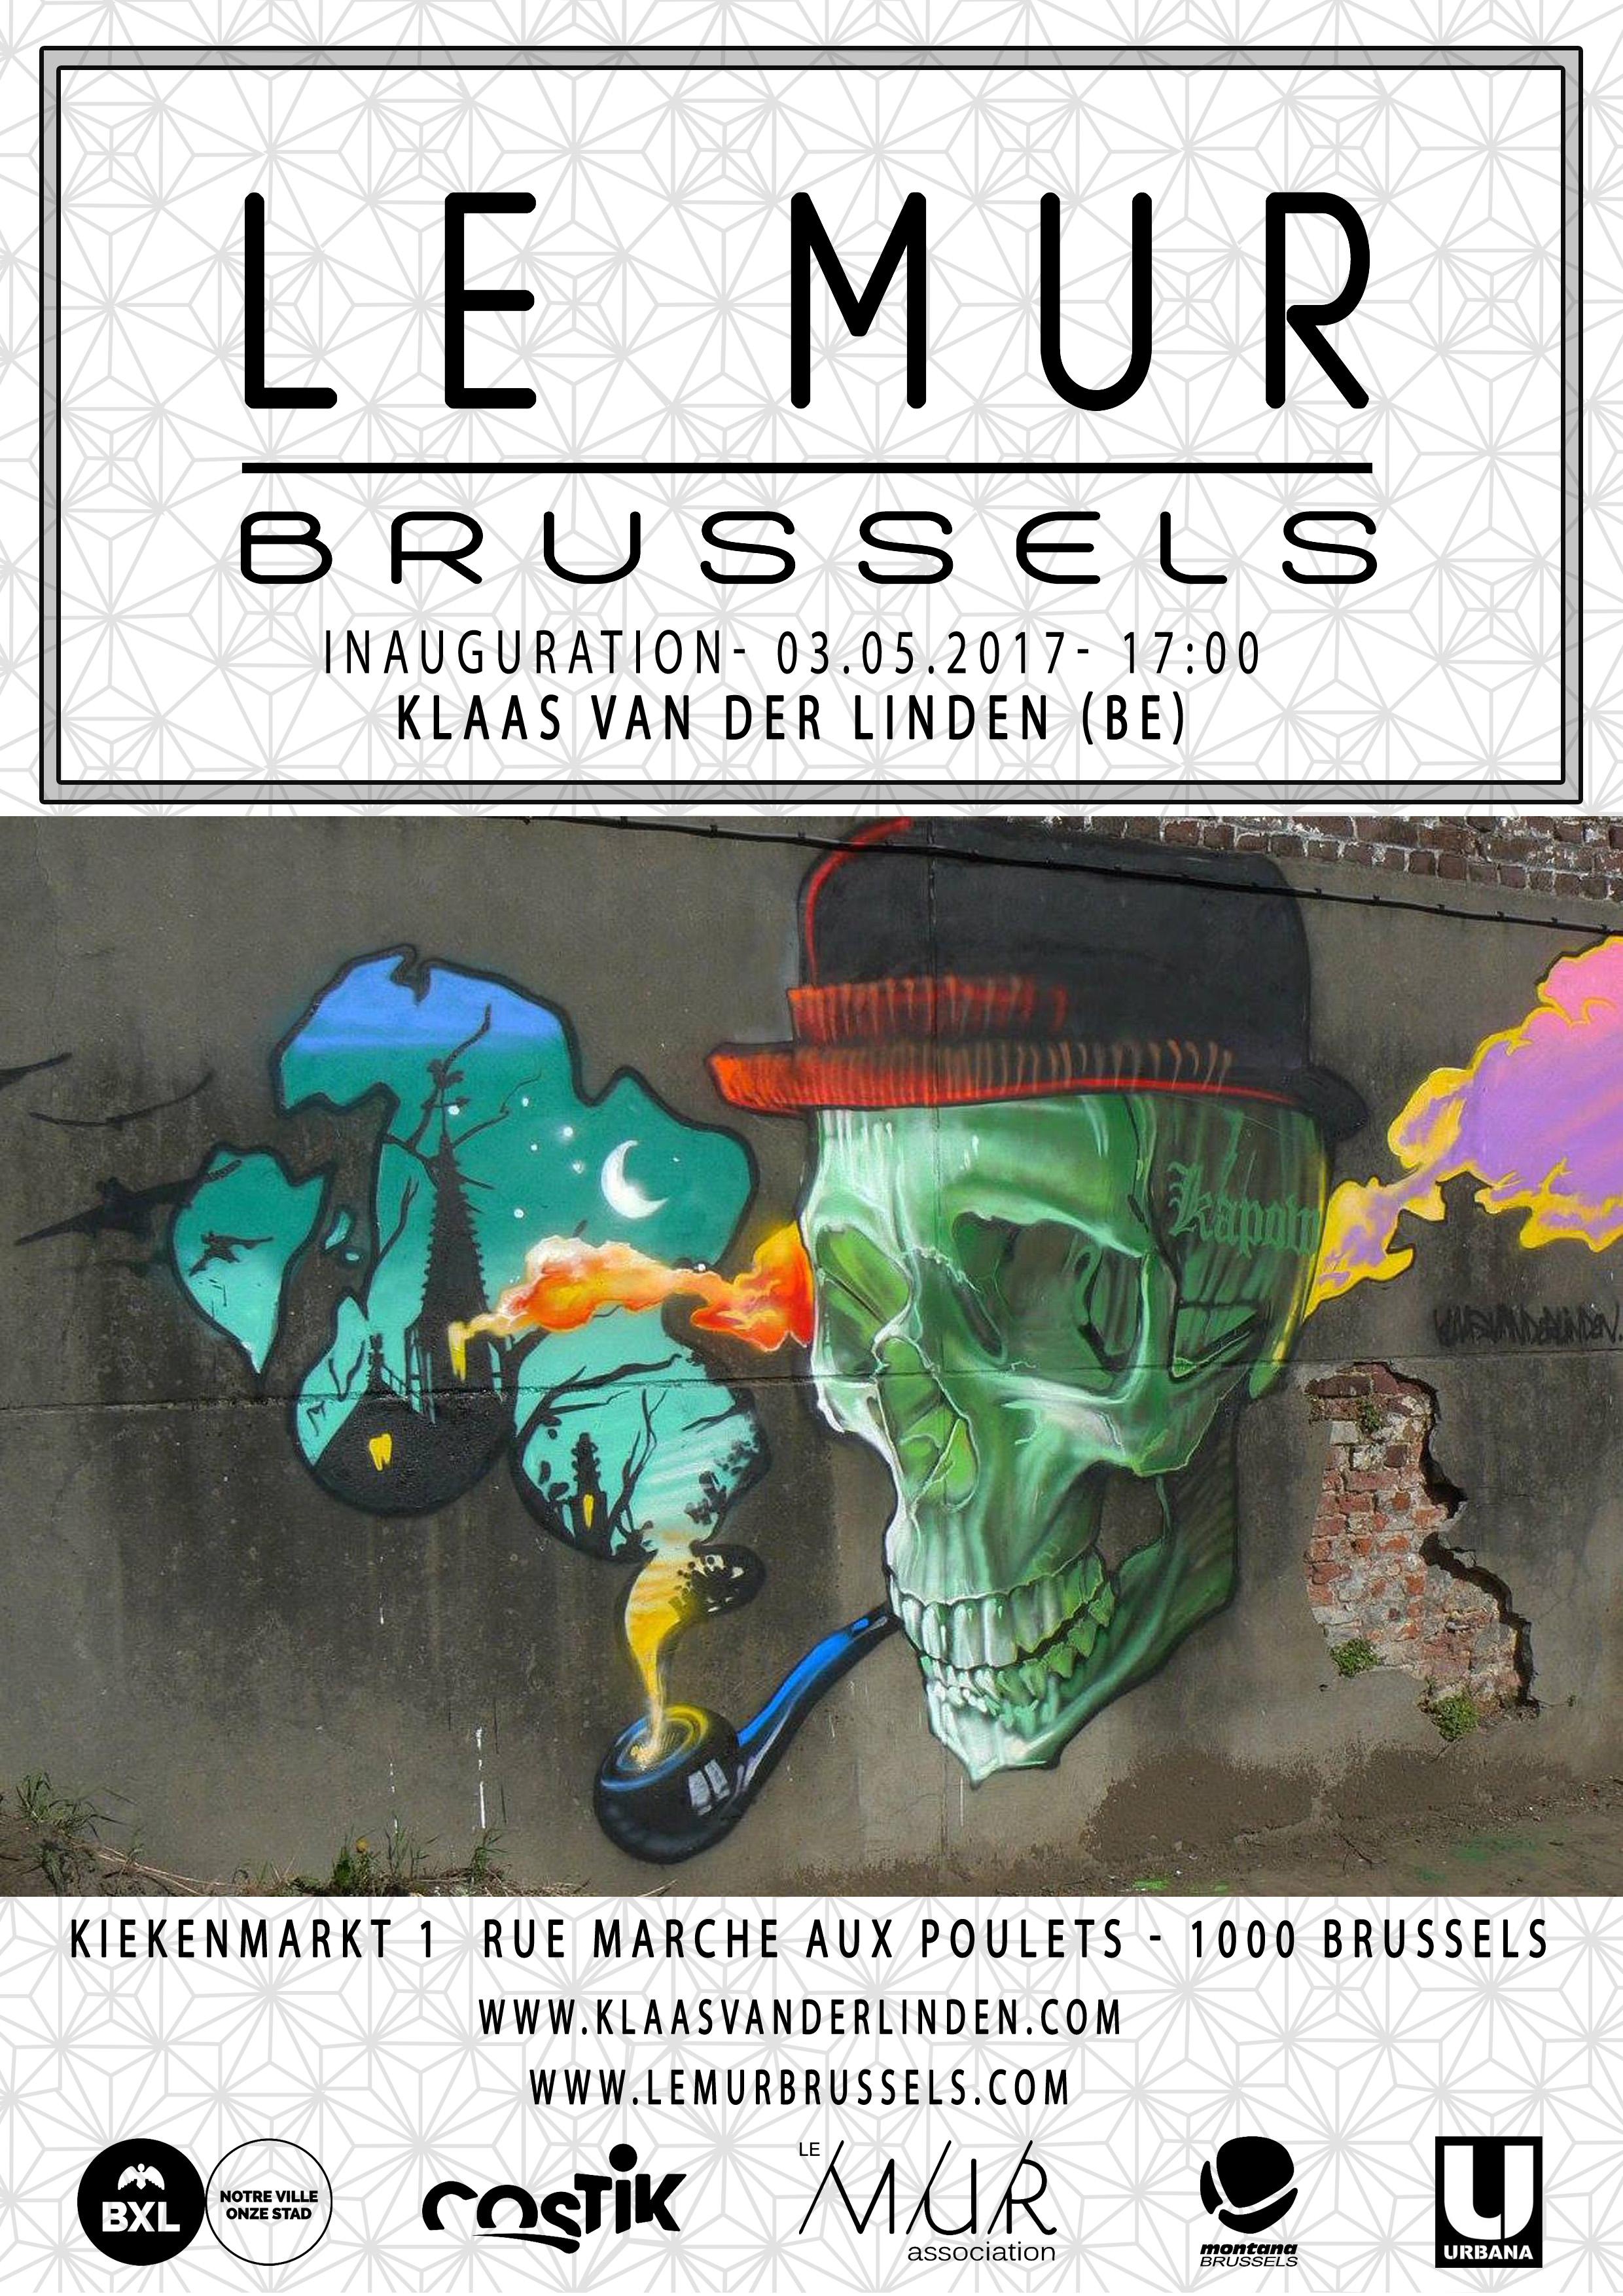 Le MUR Brussels KvD 03.05